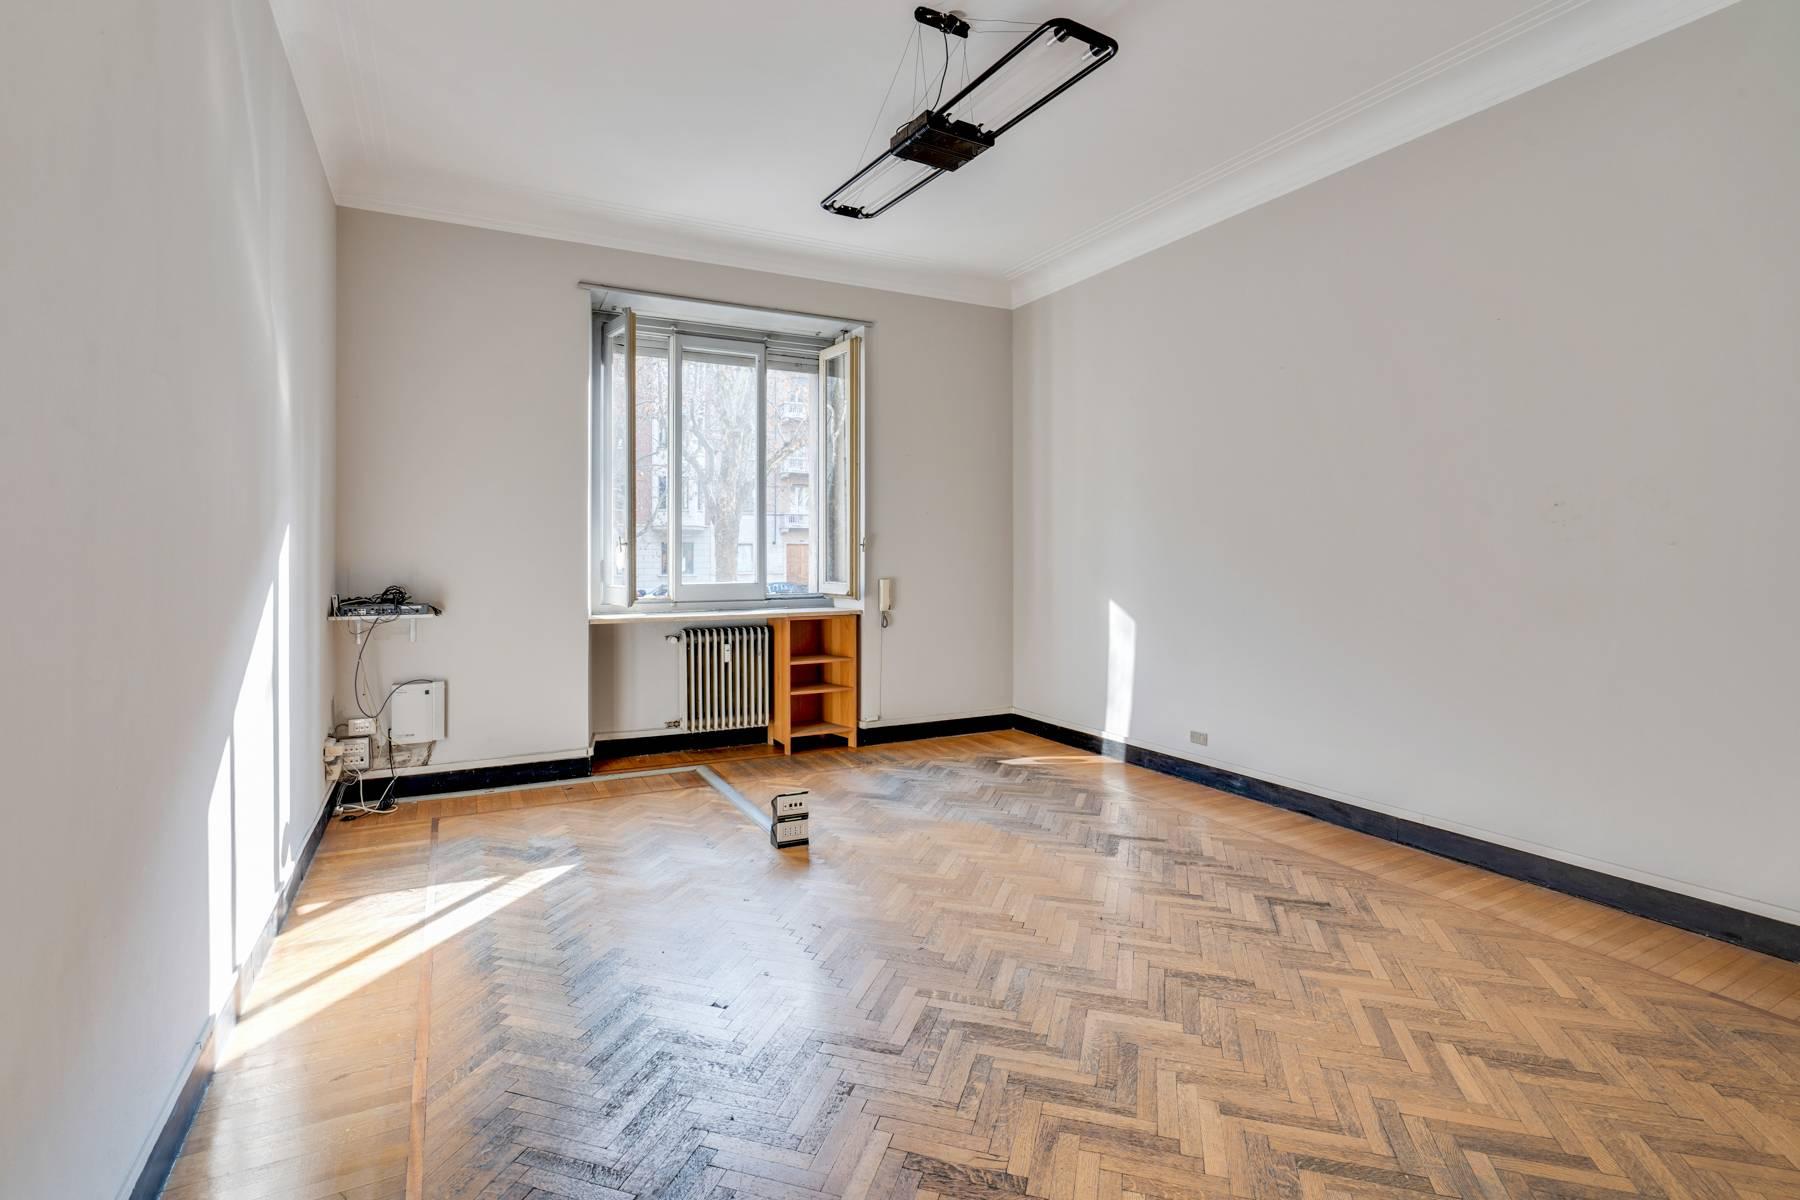 Ufficio-studio in Vendita a Torino: 3 locali, 140 mq - Foto 10